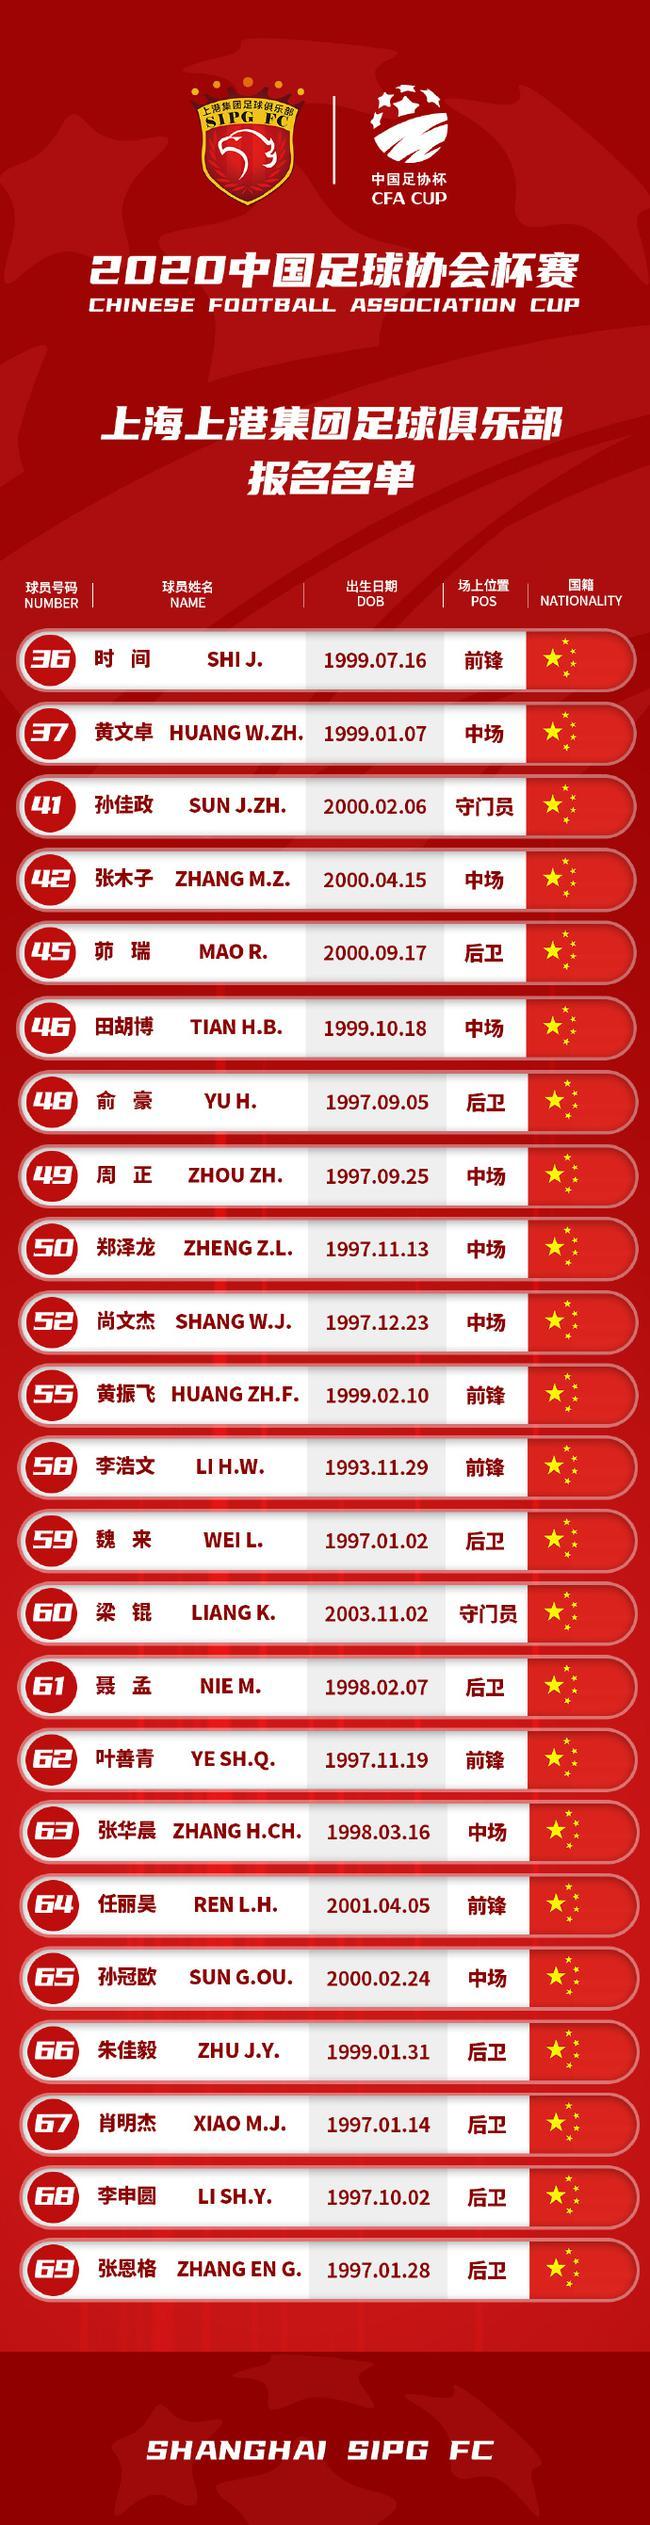 上港足协杯名单:预备队班底出战 04队伍教练挂帅